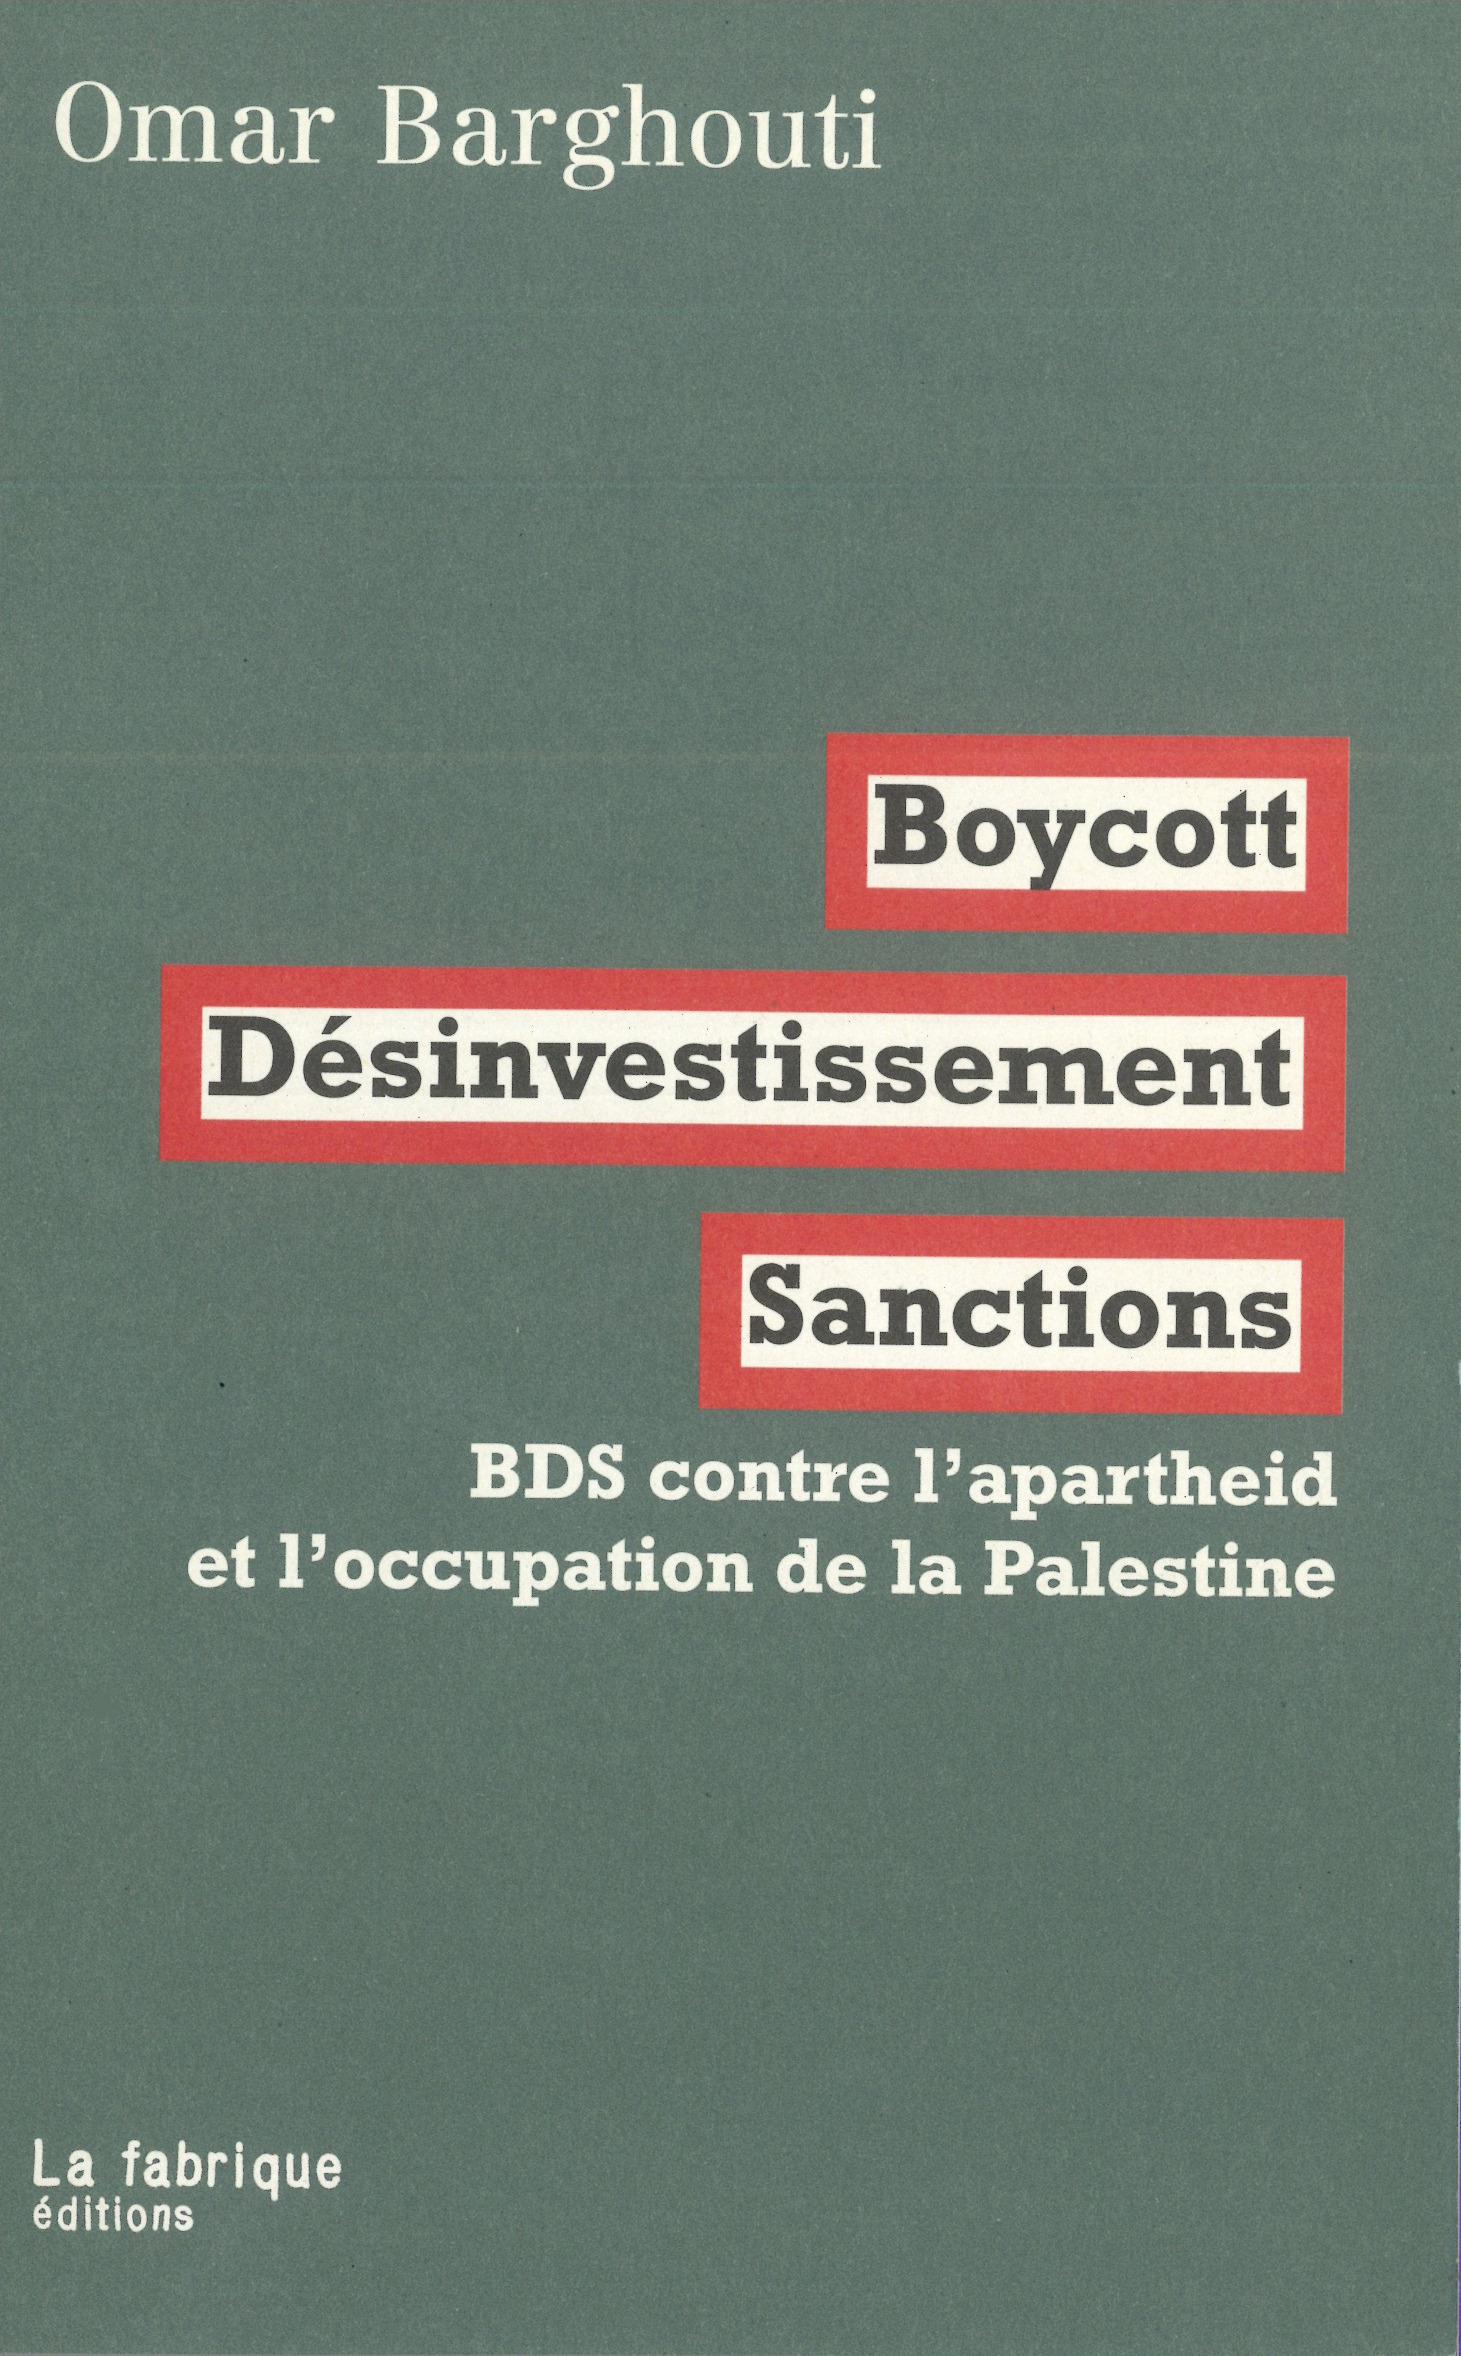 BDS ; boycott, désinvestissement, sanctions contre la colonisation et l'apartheid israélien